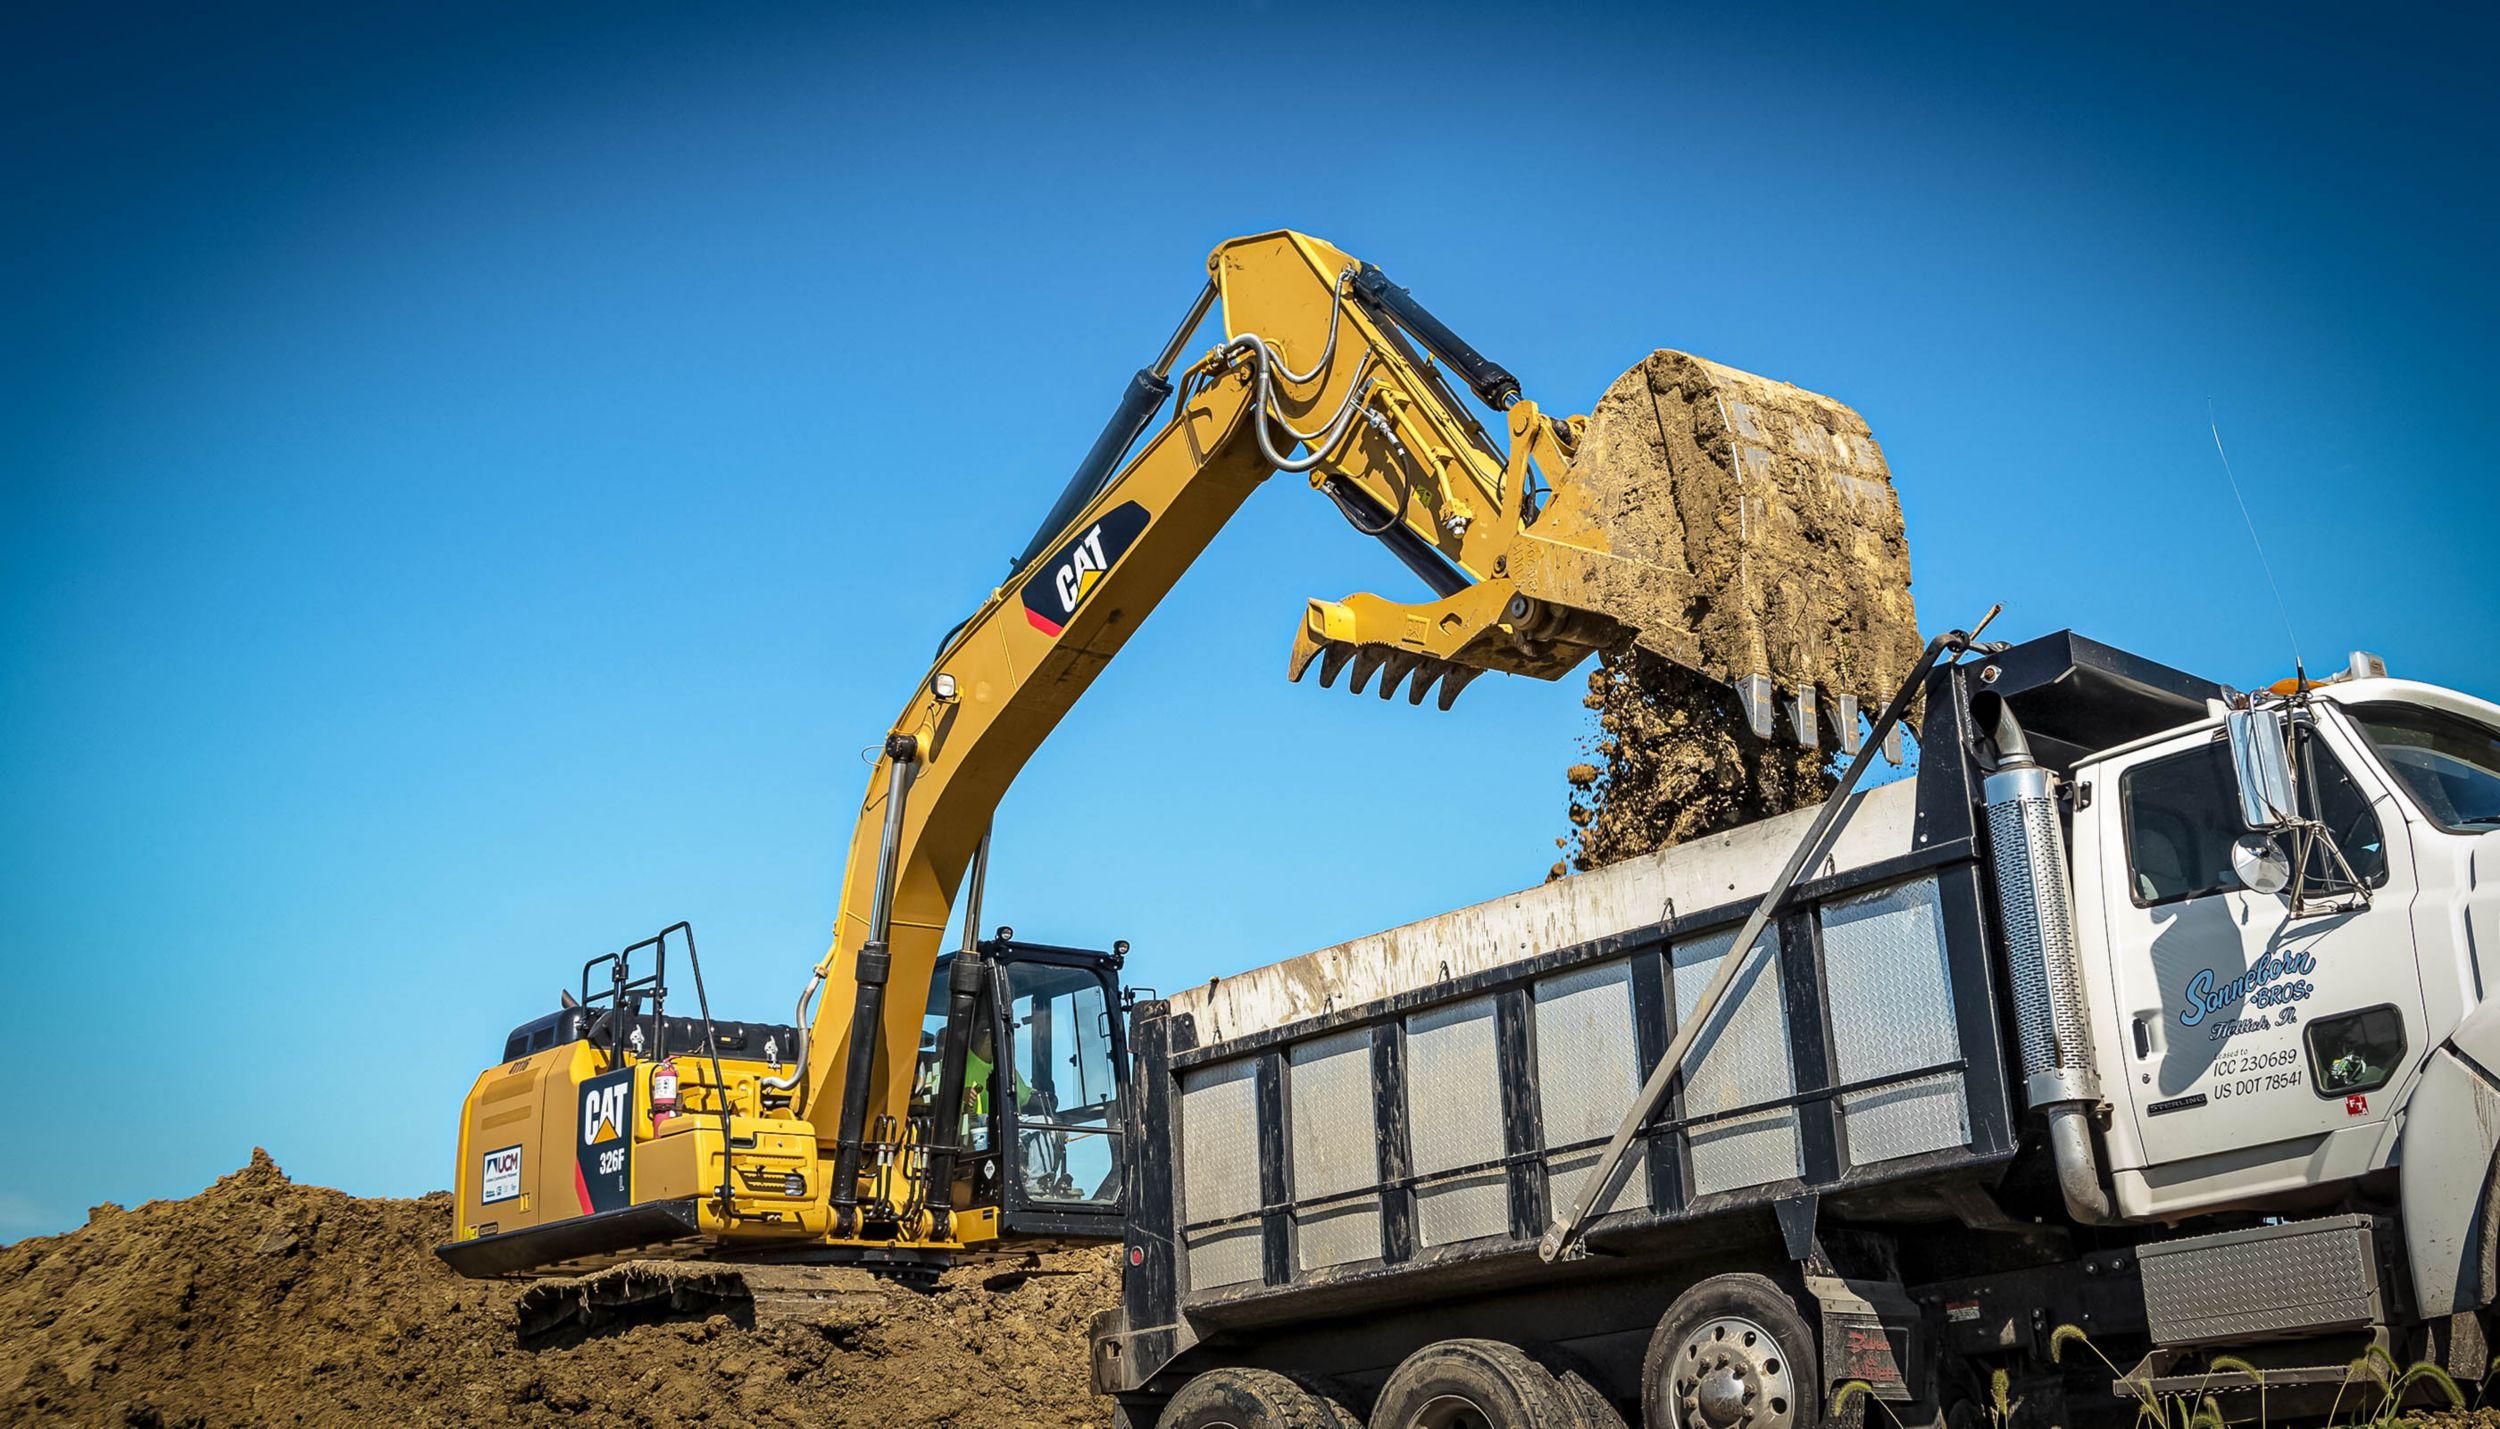 Cat | 325F L Hydraulic Excavator | Caterpillar